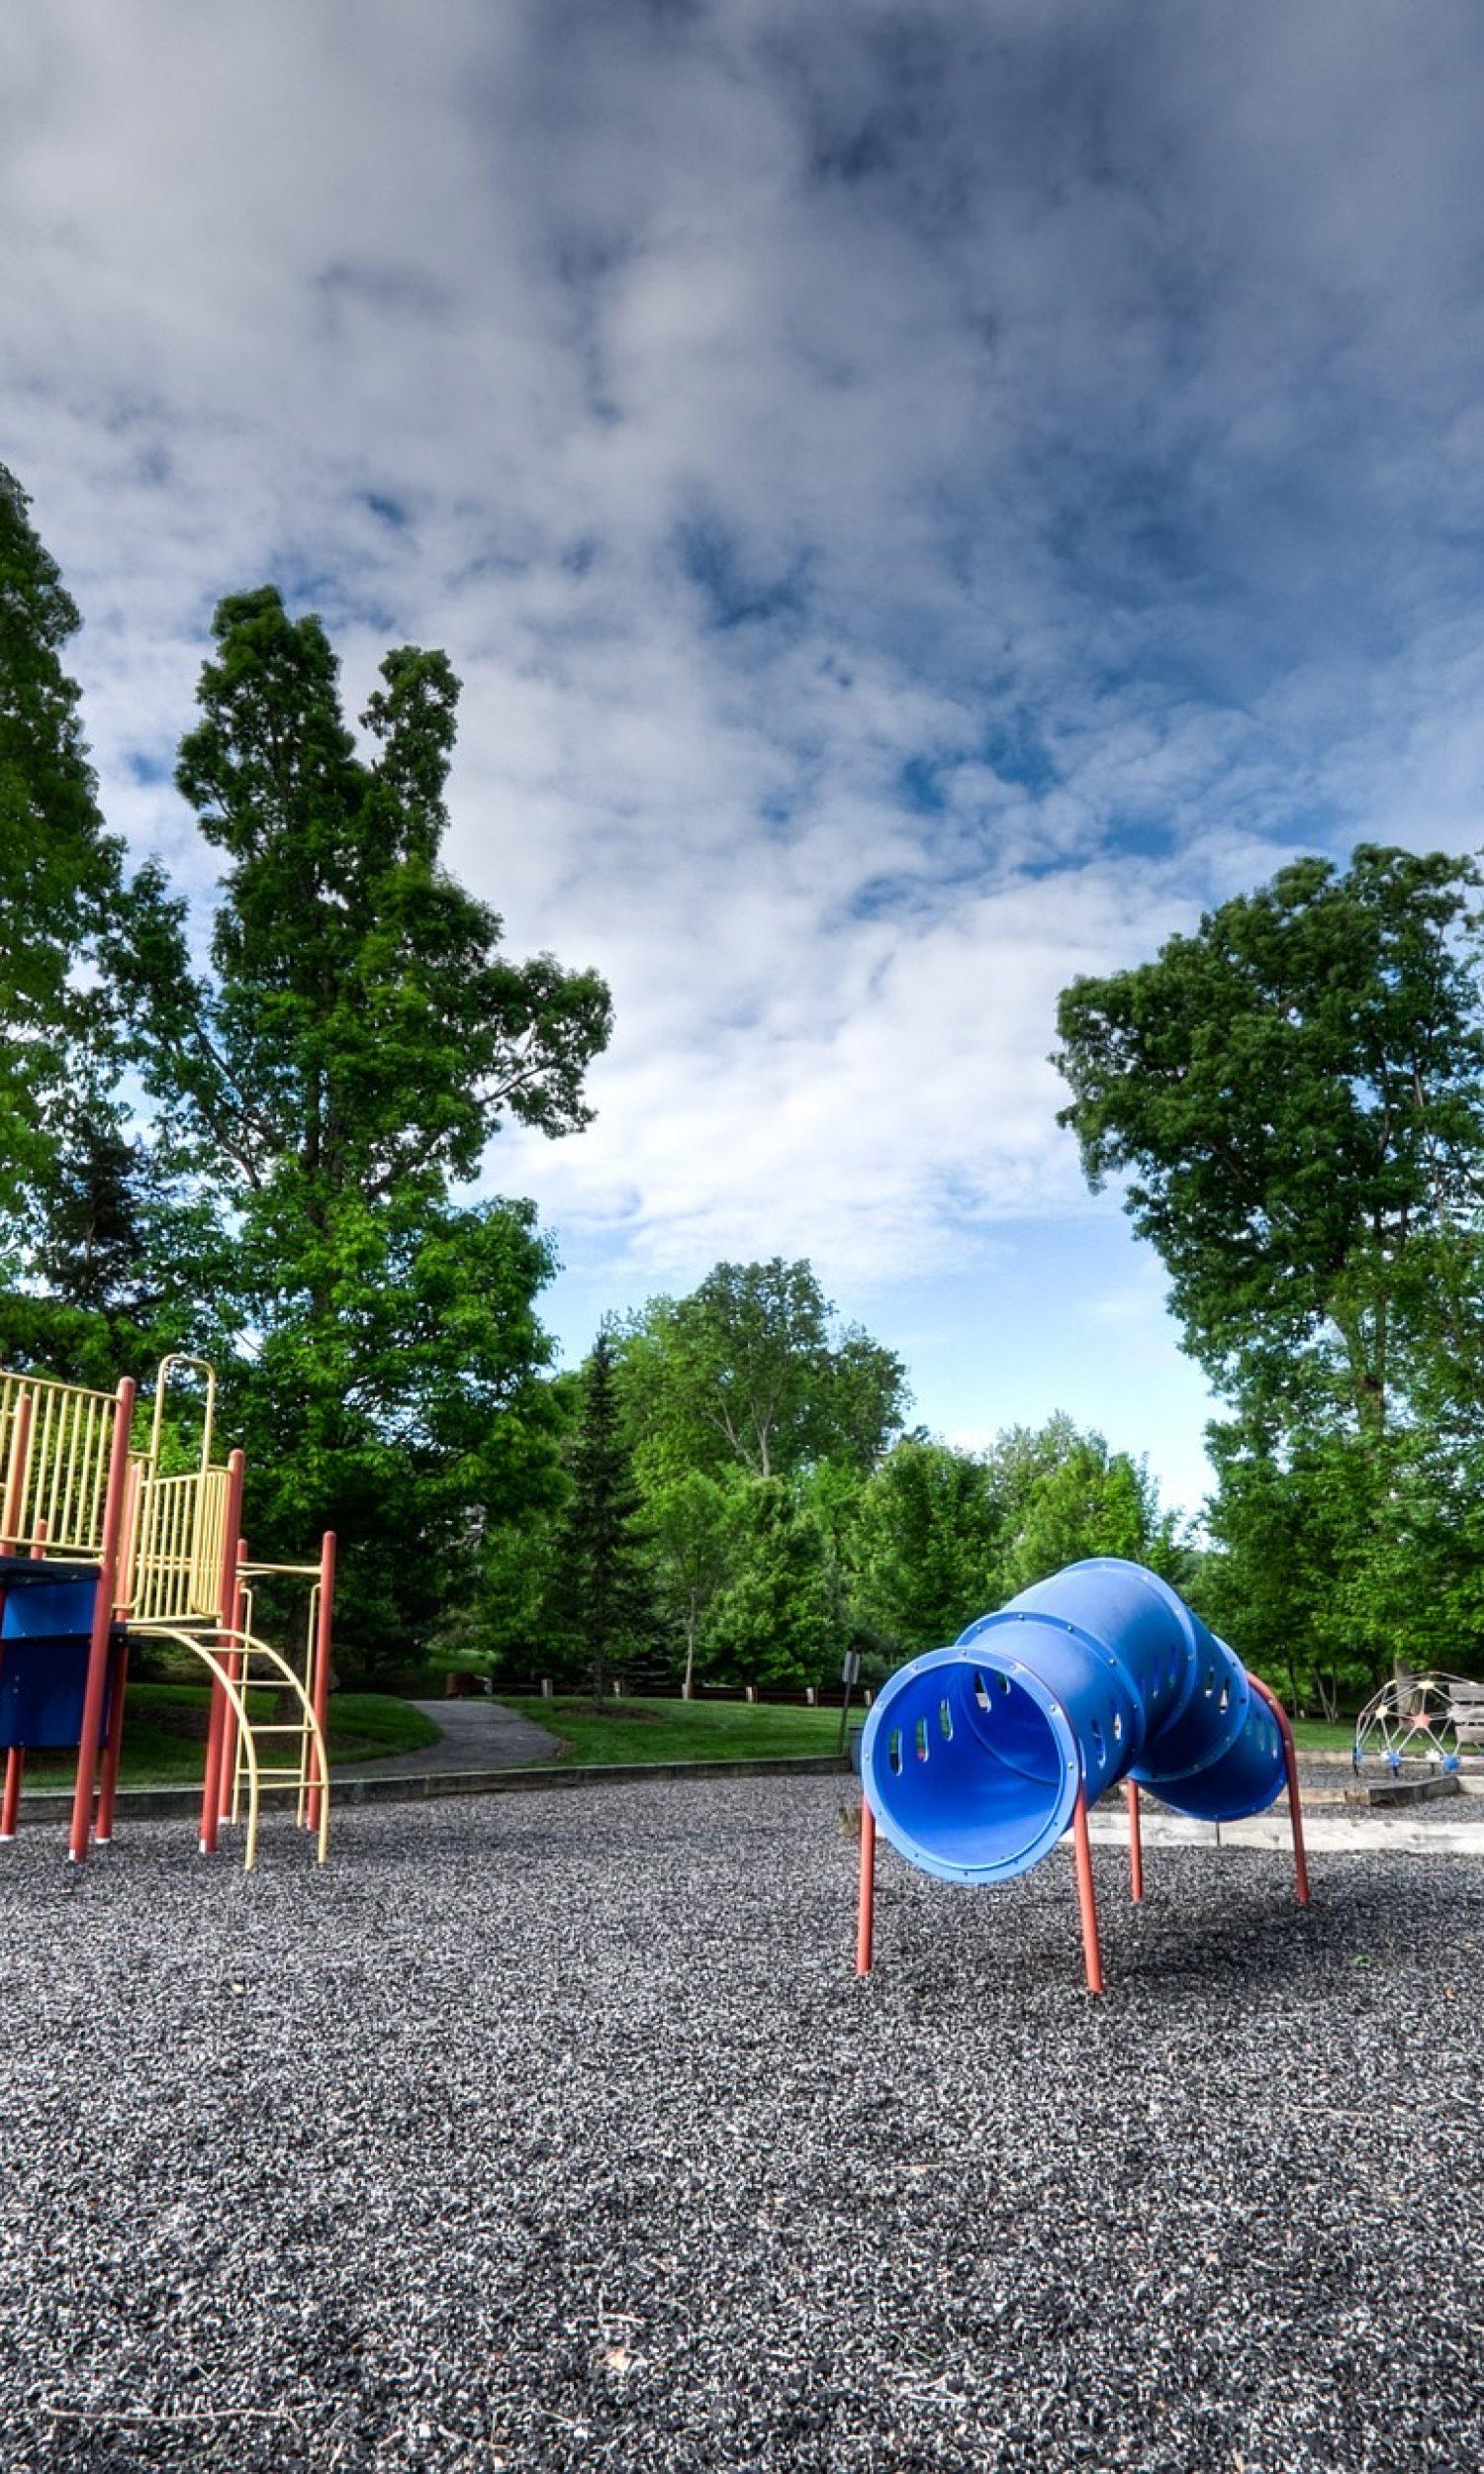 playground-923068_1920